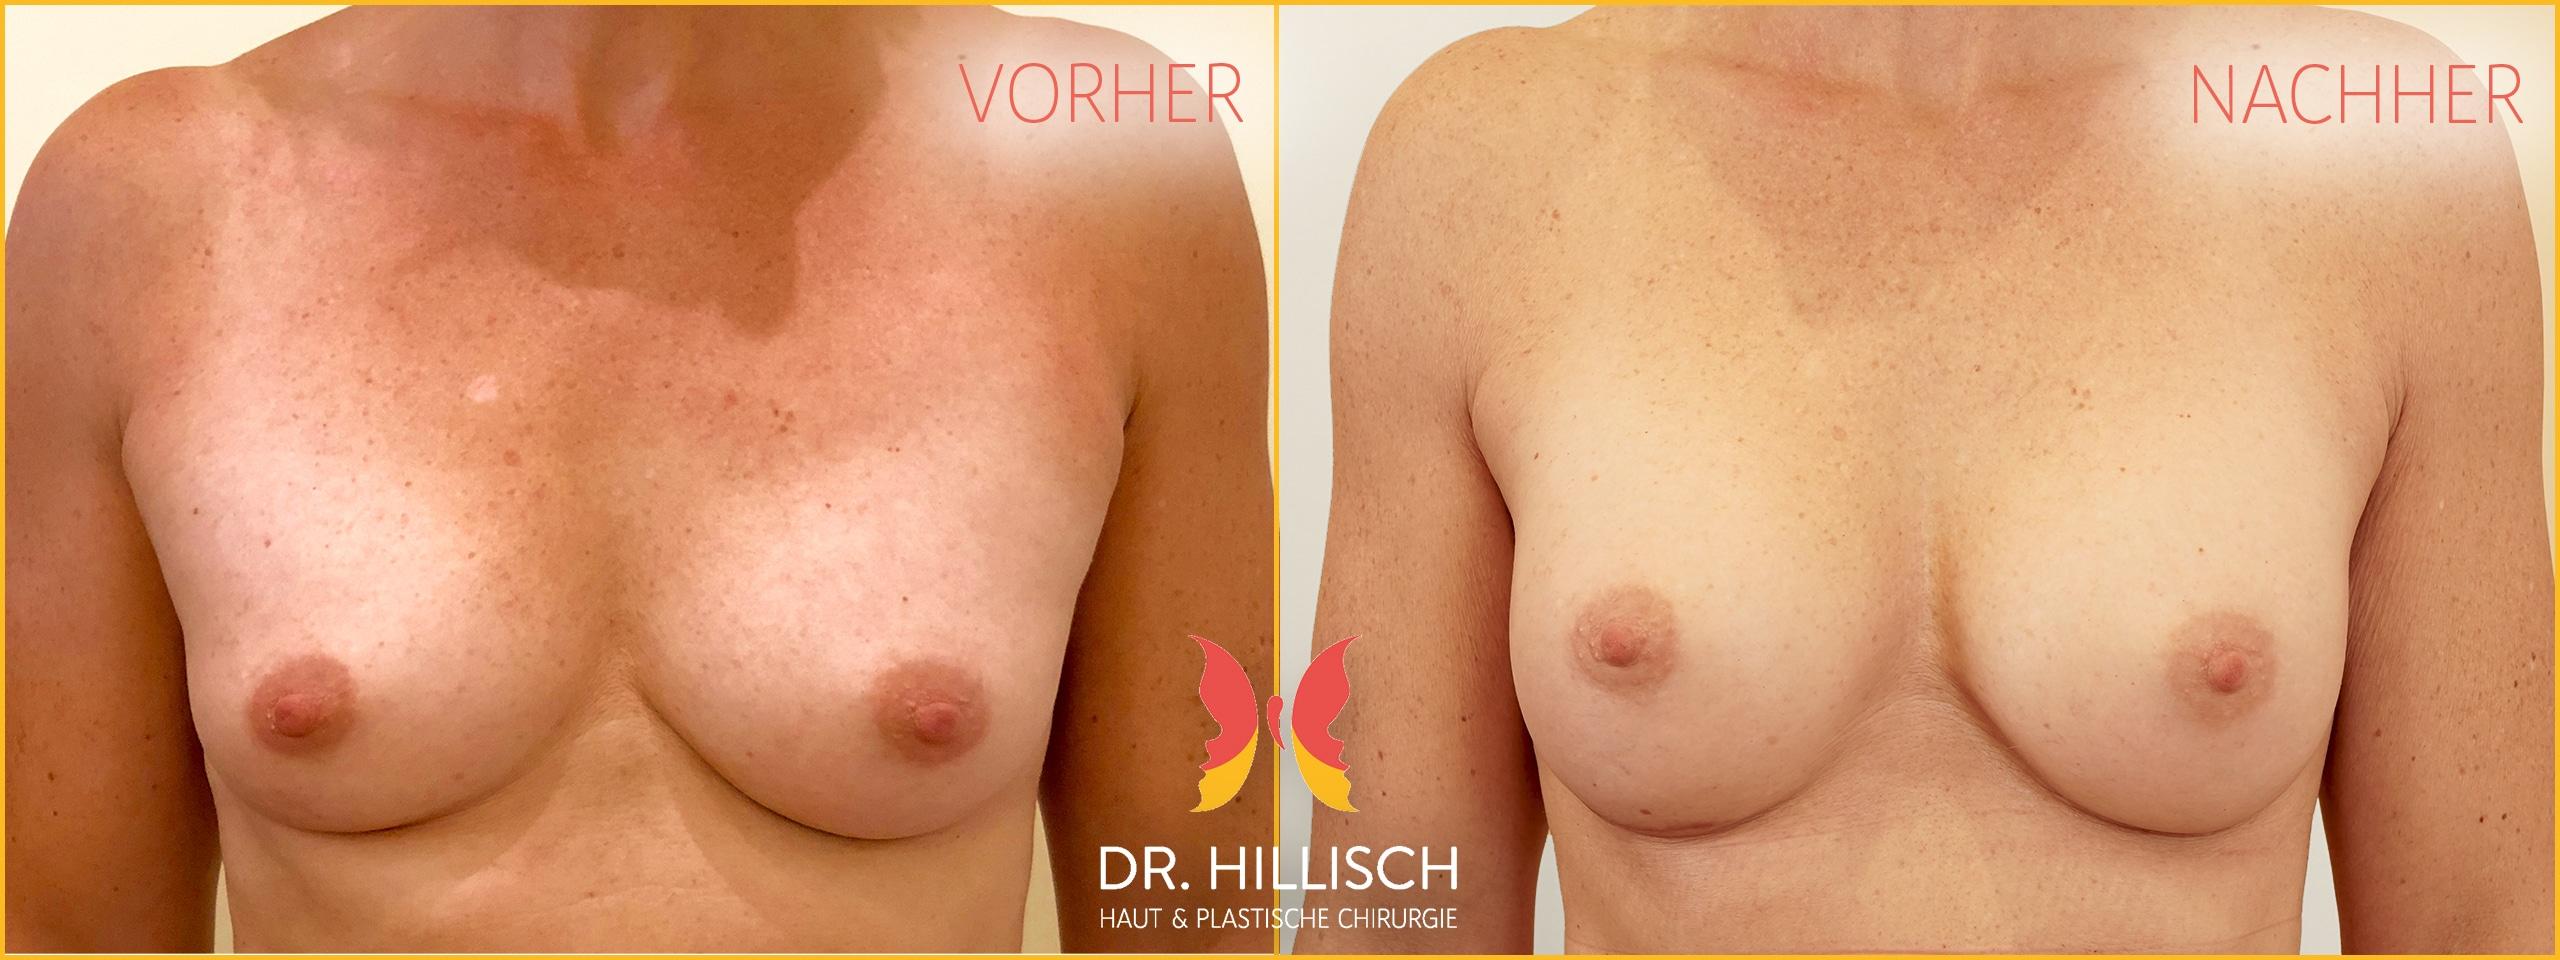 Brustvergrößerung Vorher Nachher Patient 048